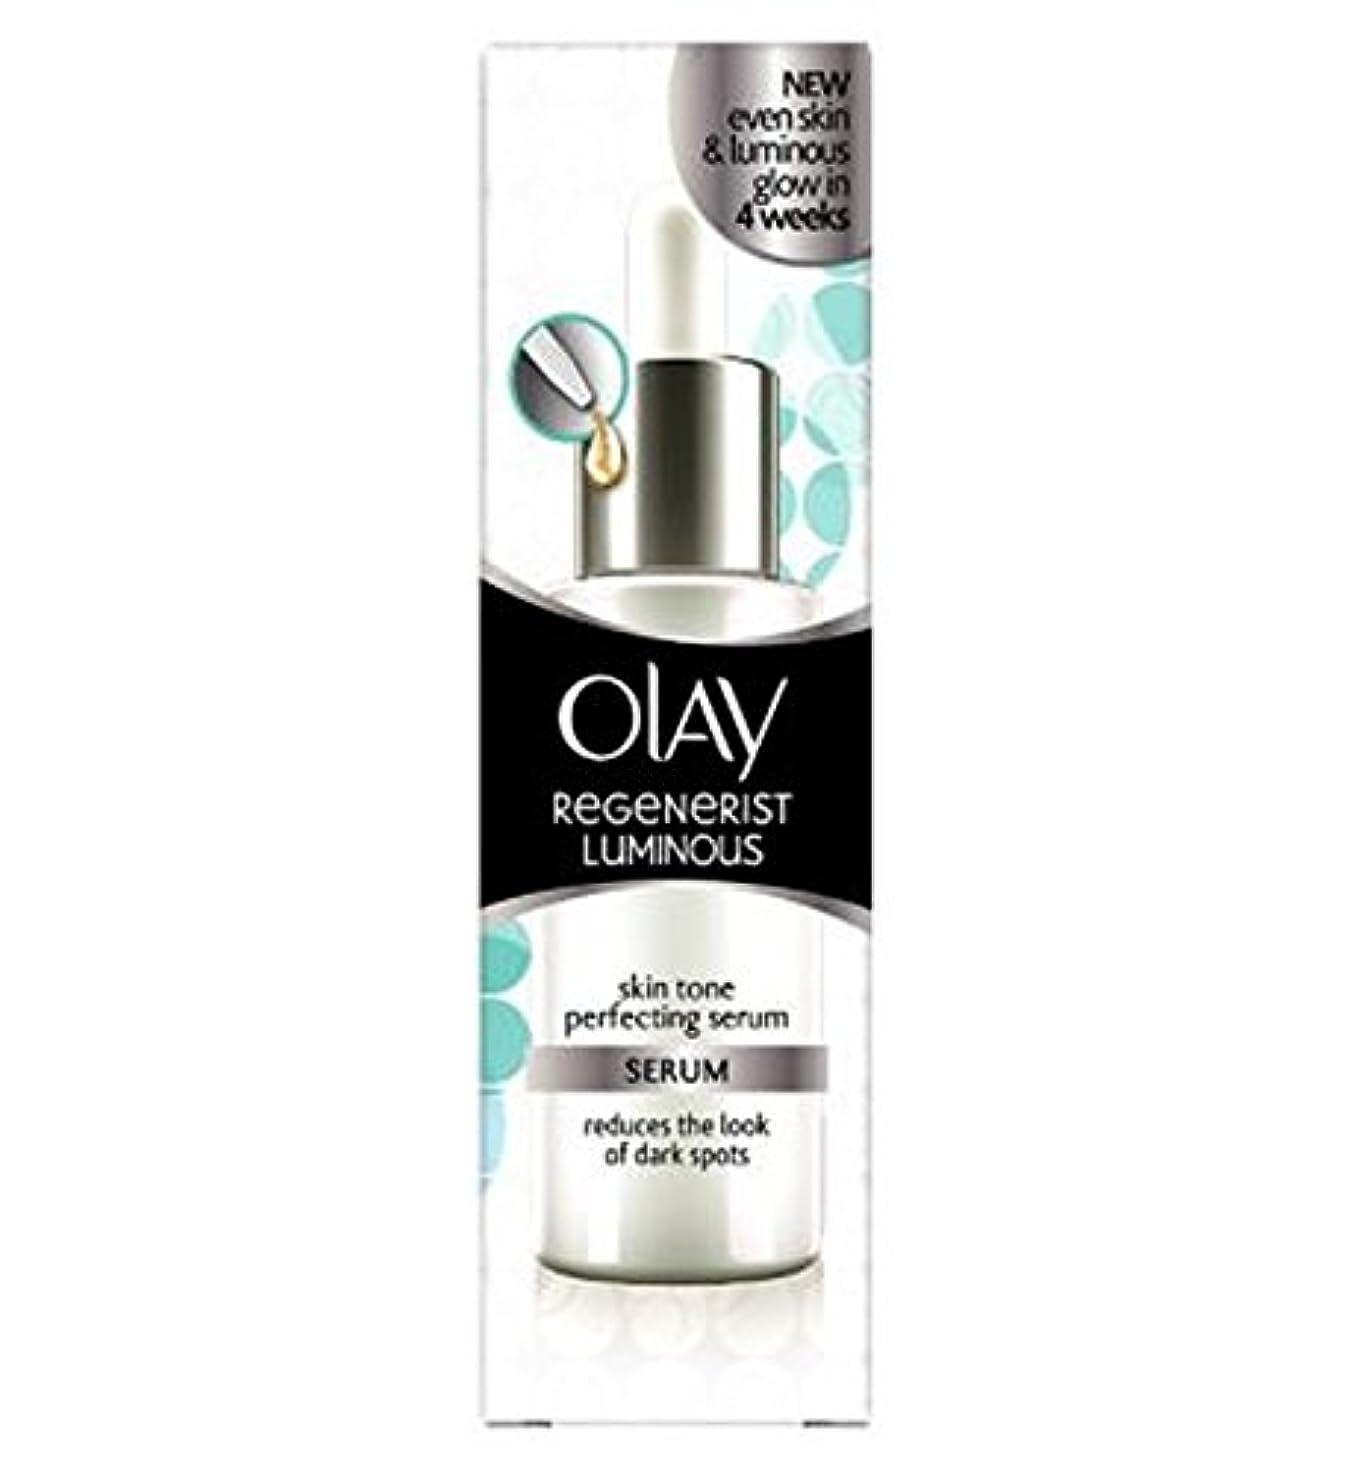 ワンダー歩く会社血清40ミリリットルを完成オーレイリジェネ発光肌のトーン (Olay) (x2) - Olay Regenerist Luminous Skin Tone Perfecting Serum 40ml (Pack of 2) [並行輸入品]